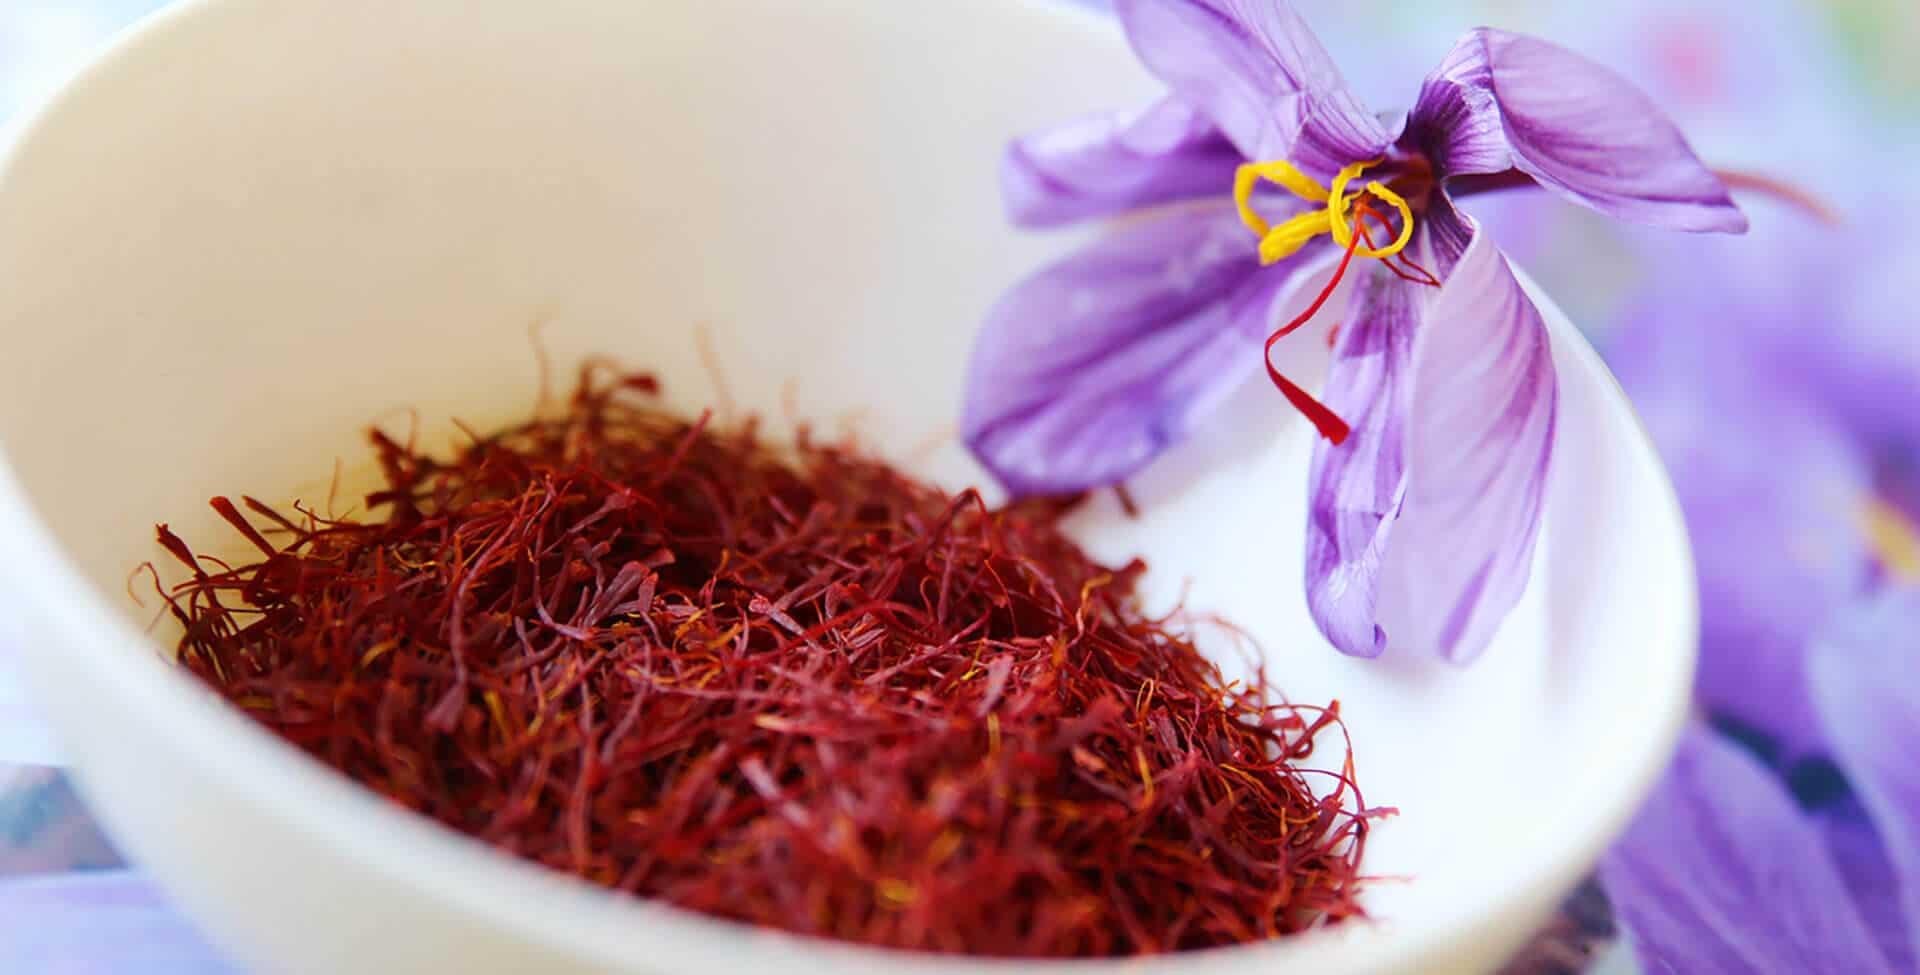 açafrão seco em uma tigela com uma flor do açafrão ao lado